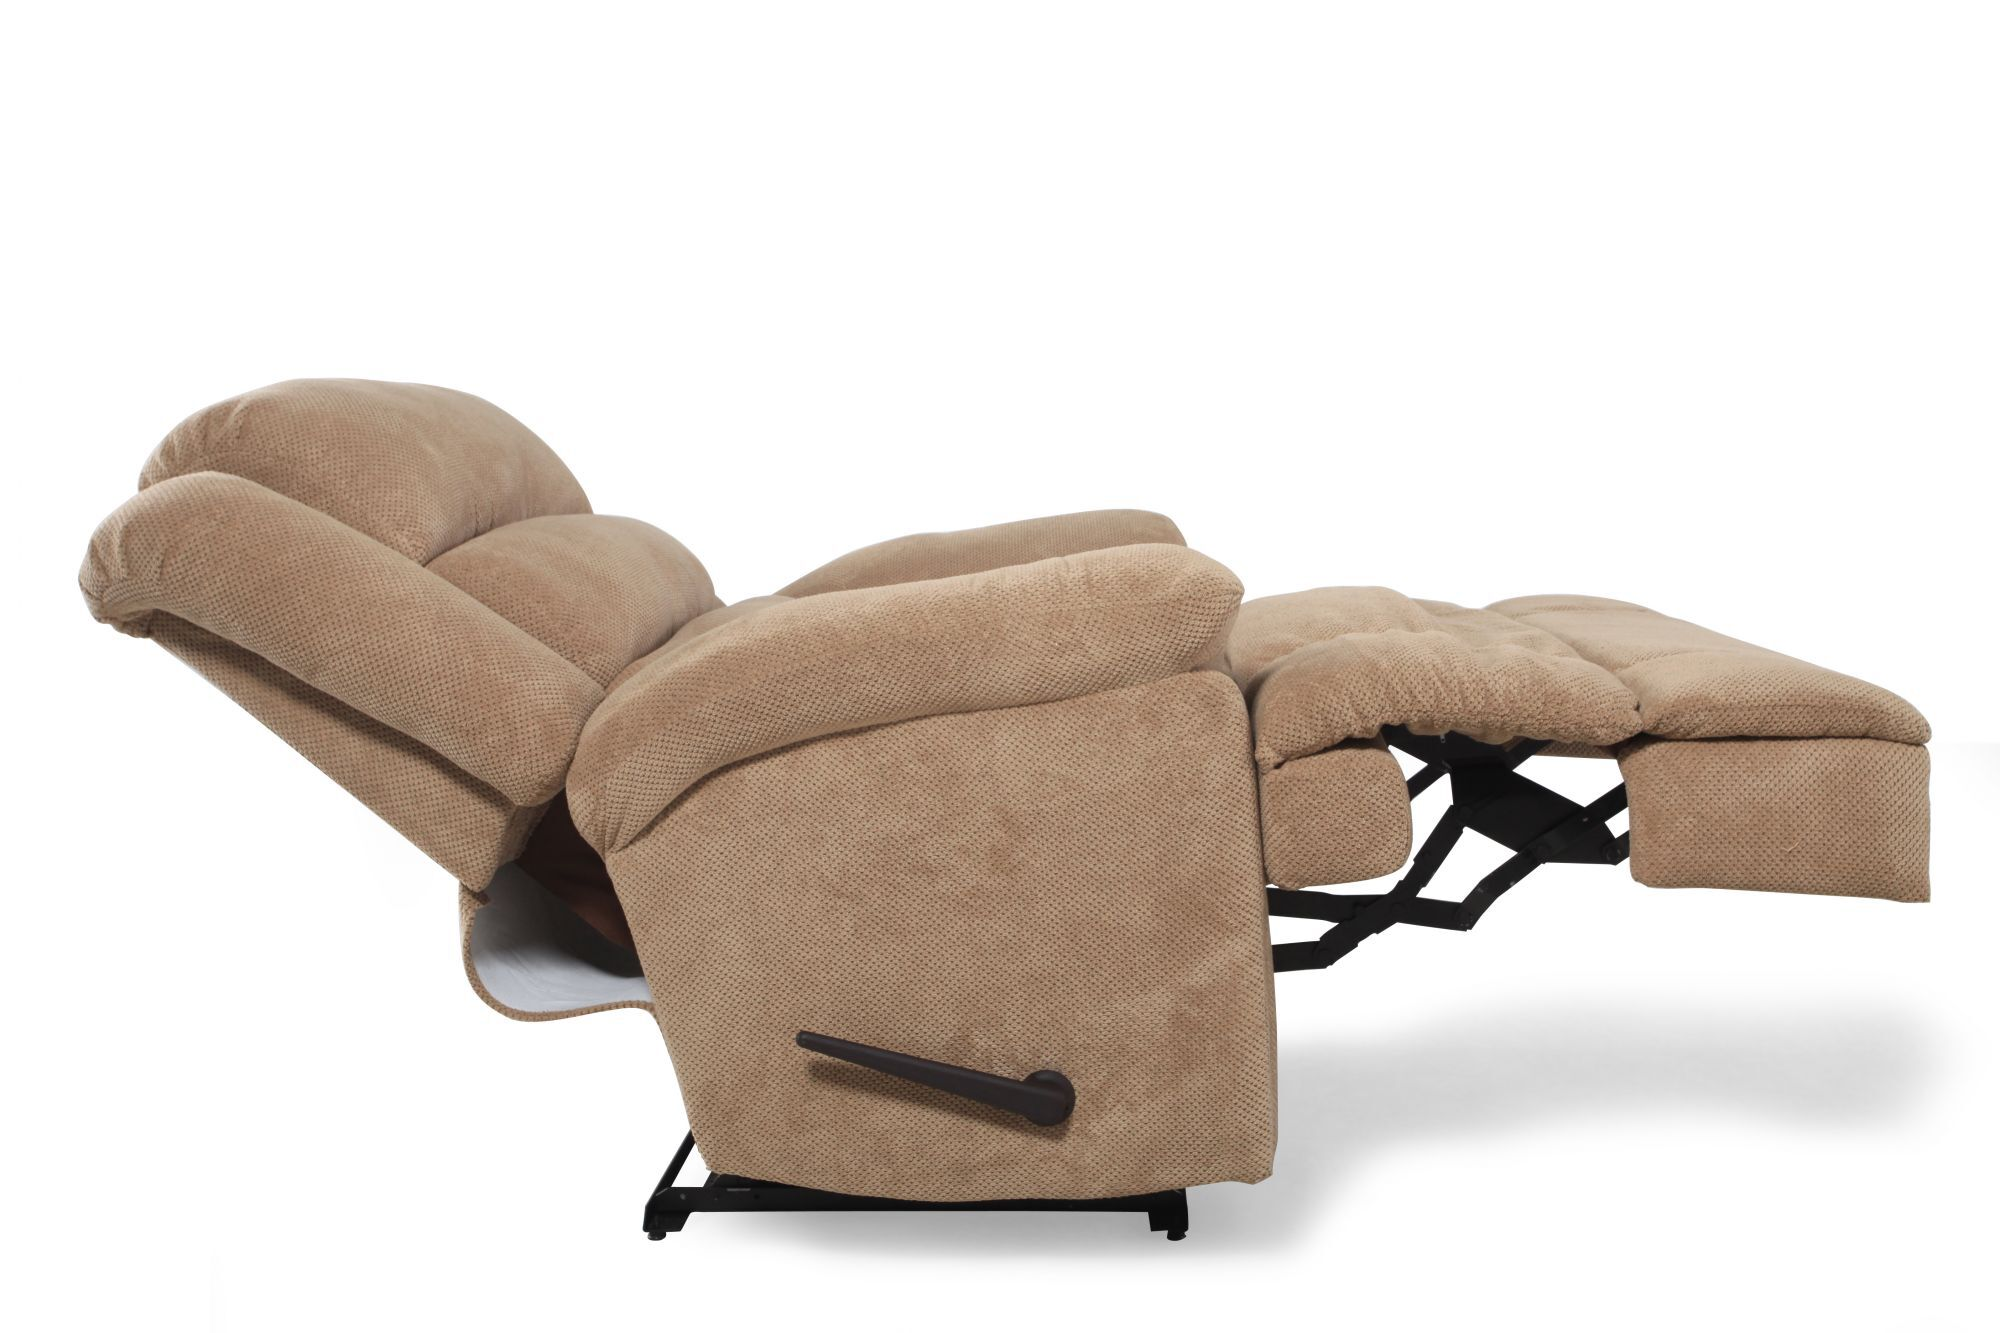 Lane Knox Tan Comfort King Recliner   Mathis Brothers Furniture